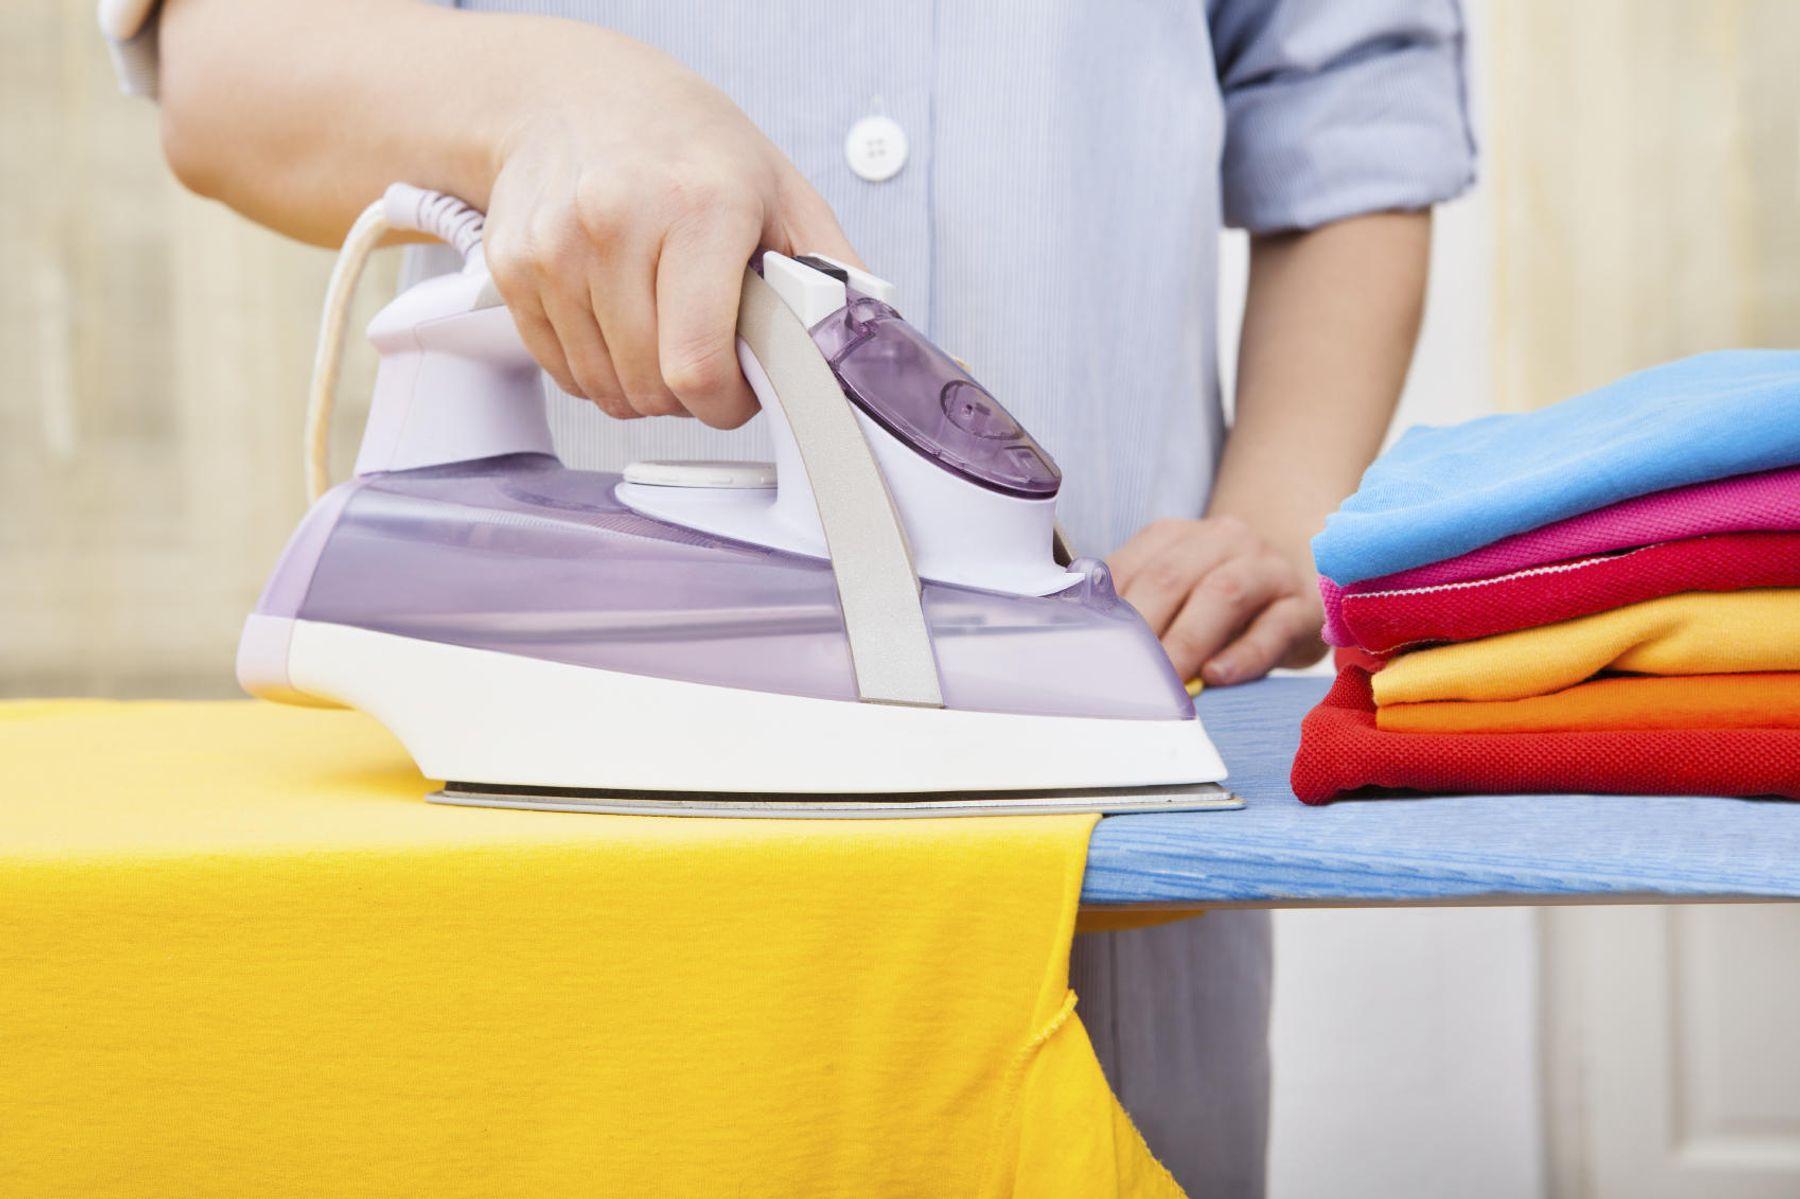 Step 3: Sử dụng bàn ủi để giúp áo không bị xù lông